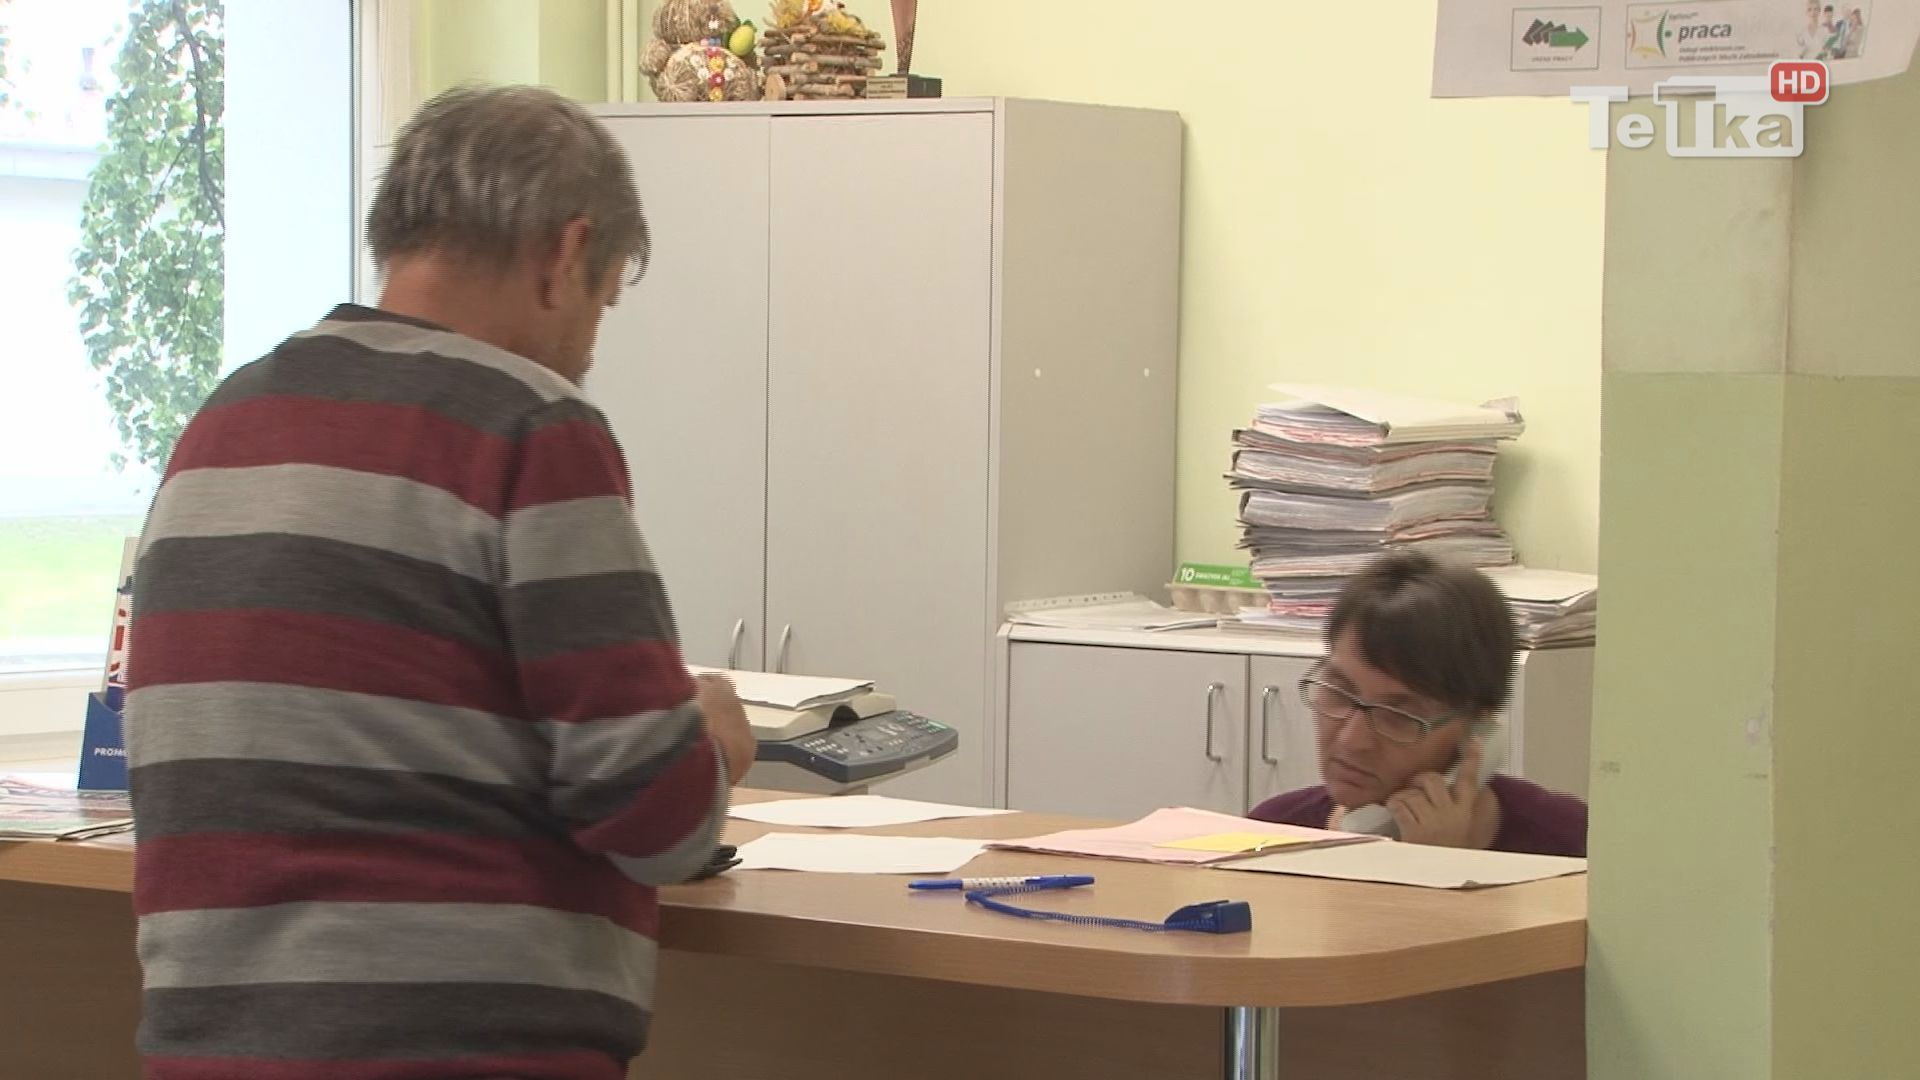 powiatowy urząd pracy informuje o niskiej stopie bezrobocia